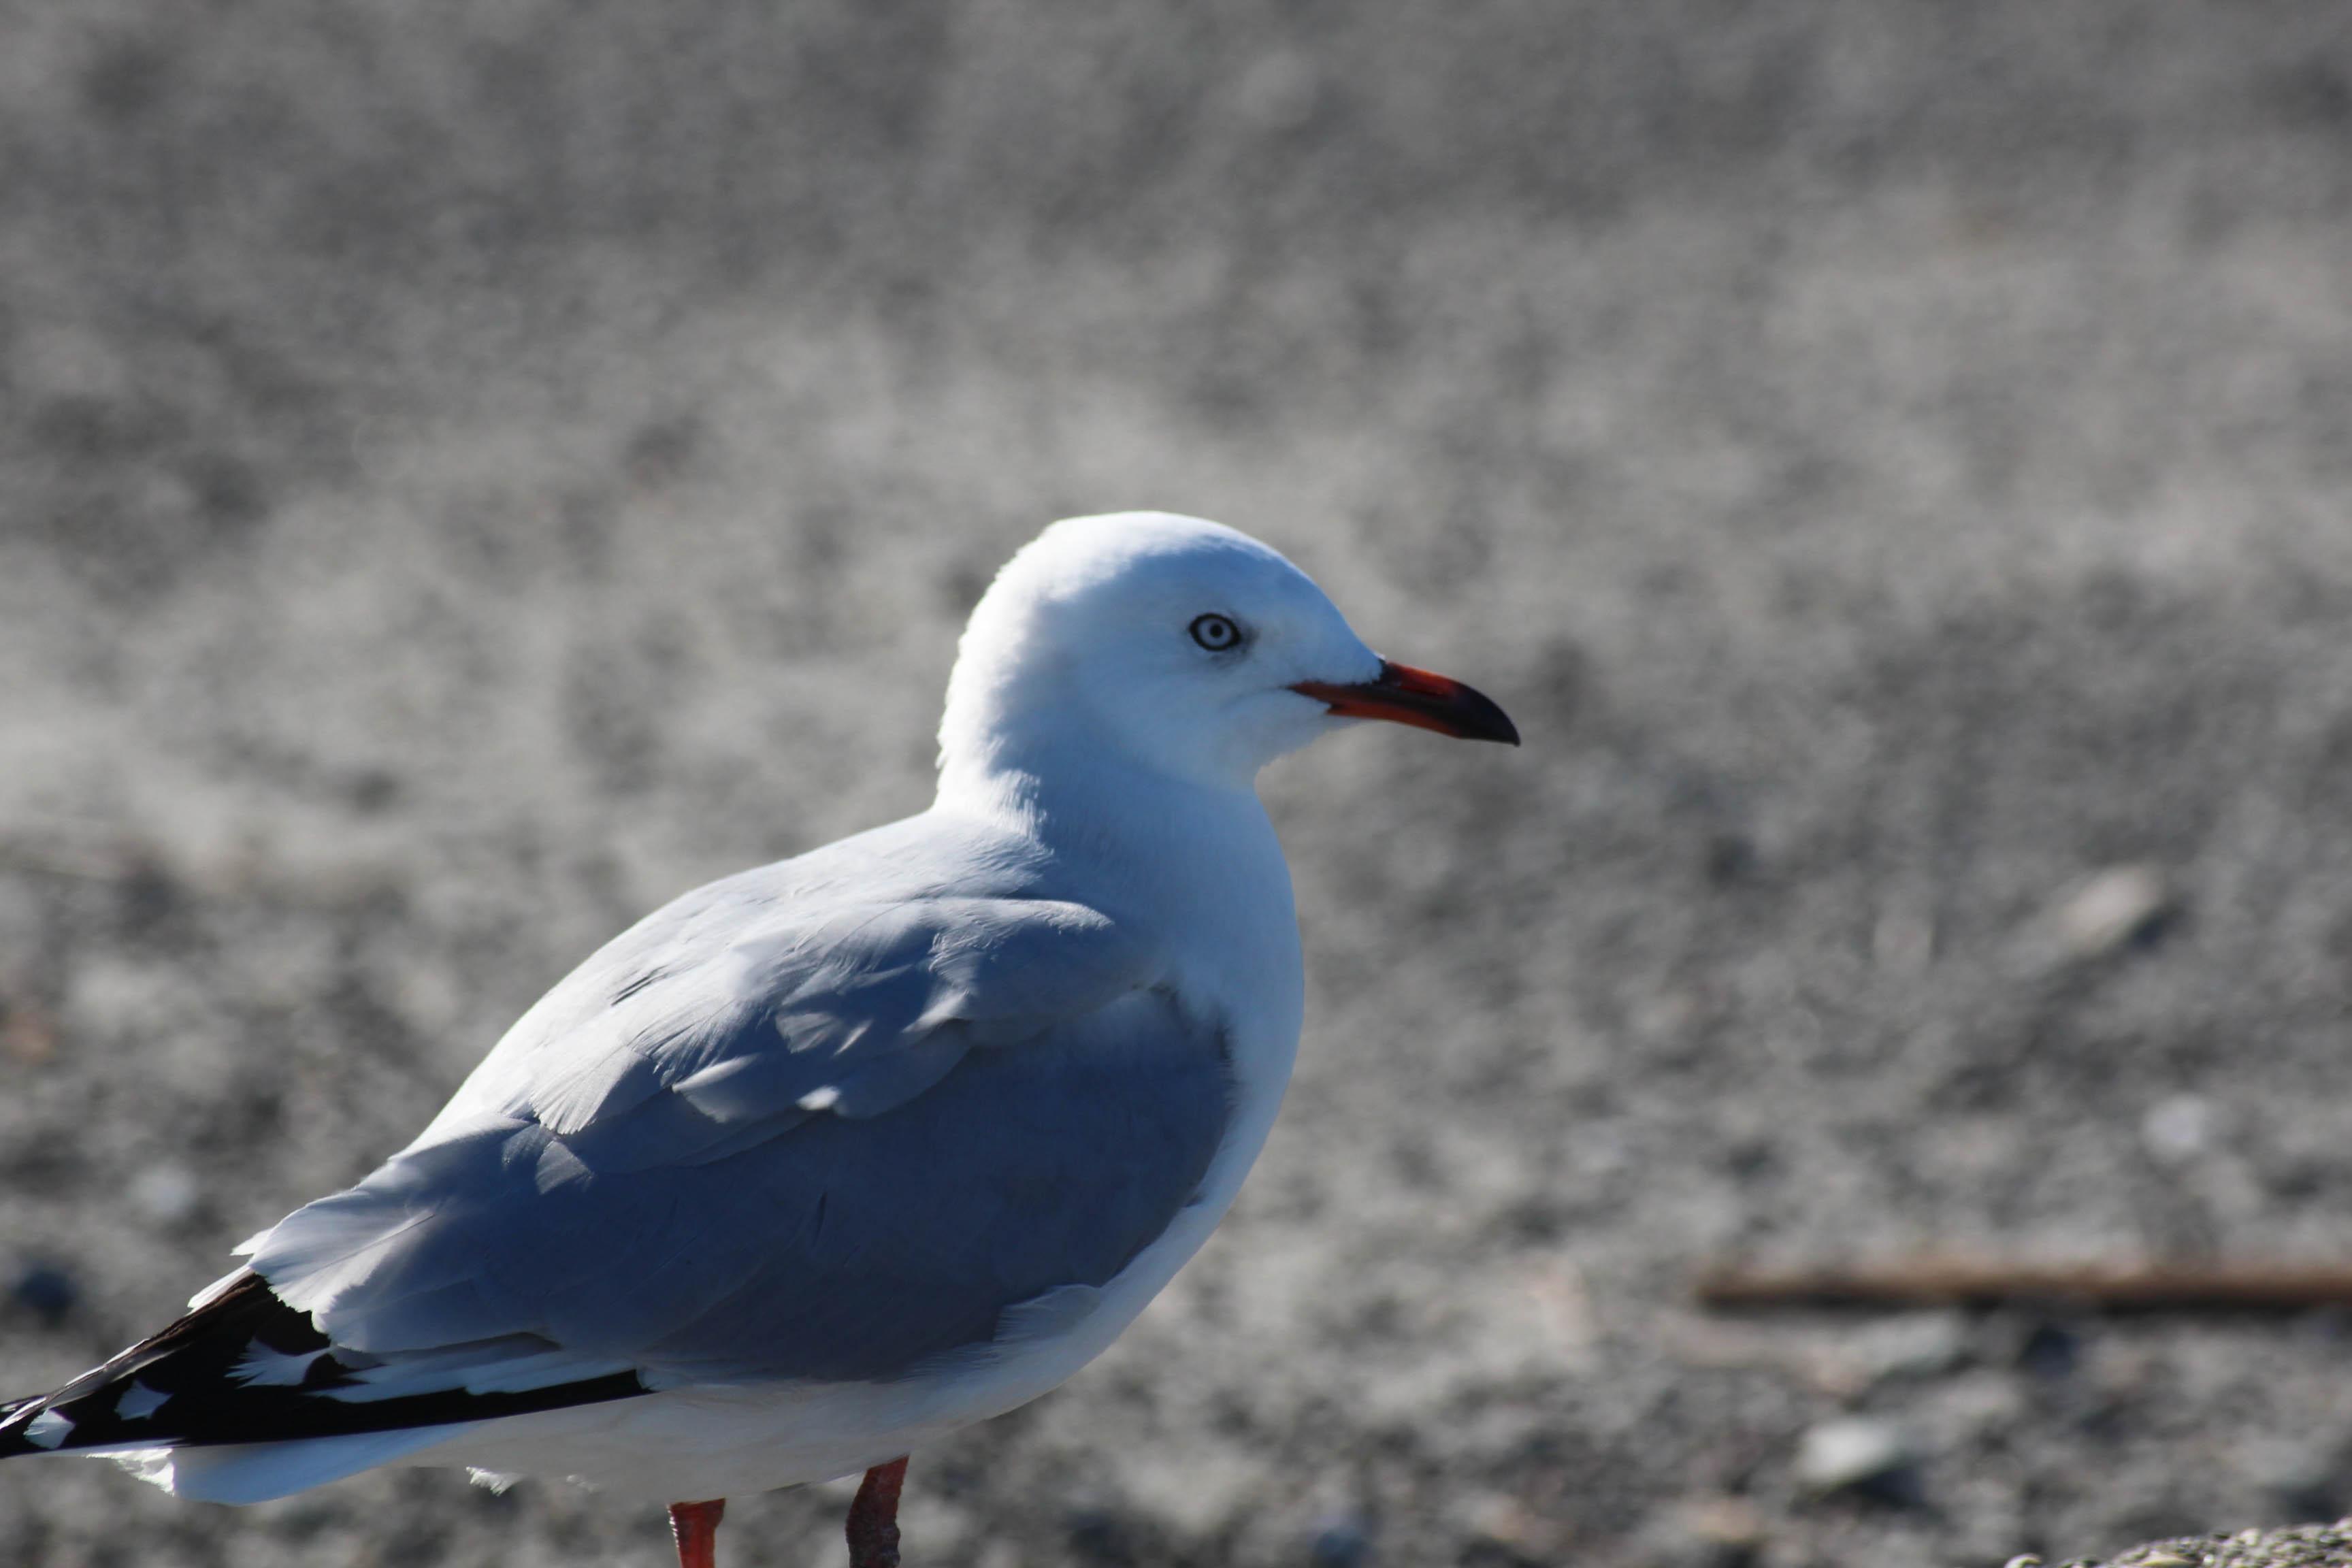 Nouvelle Zélande - Greymouth et Arthur's pass - les lubies de louise (3 sur 21)